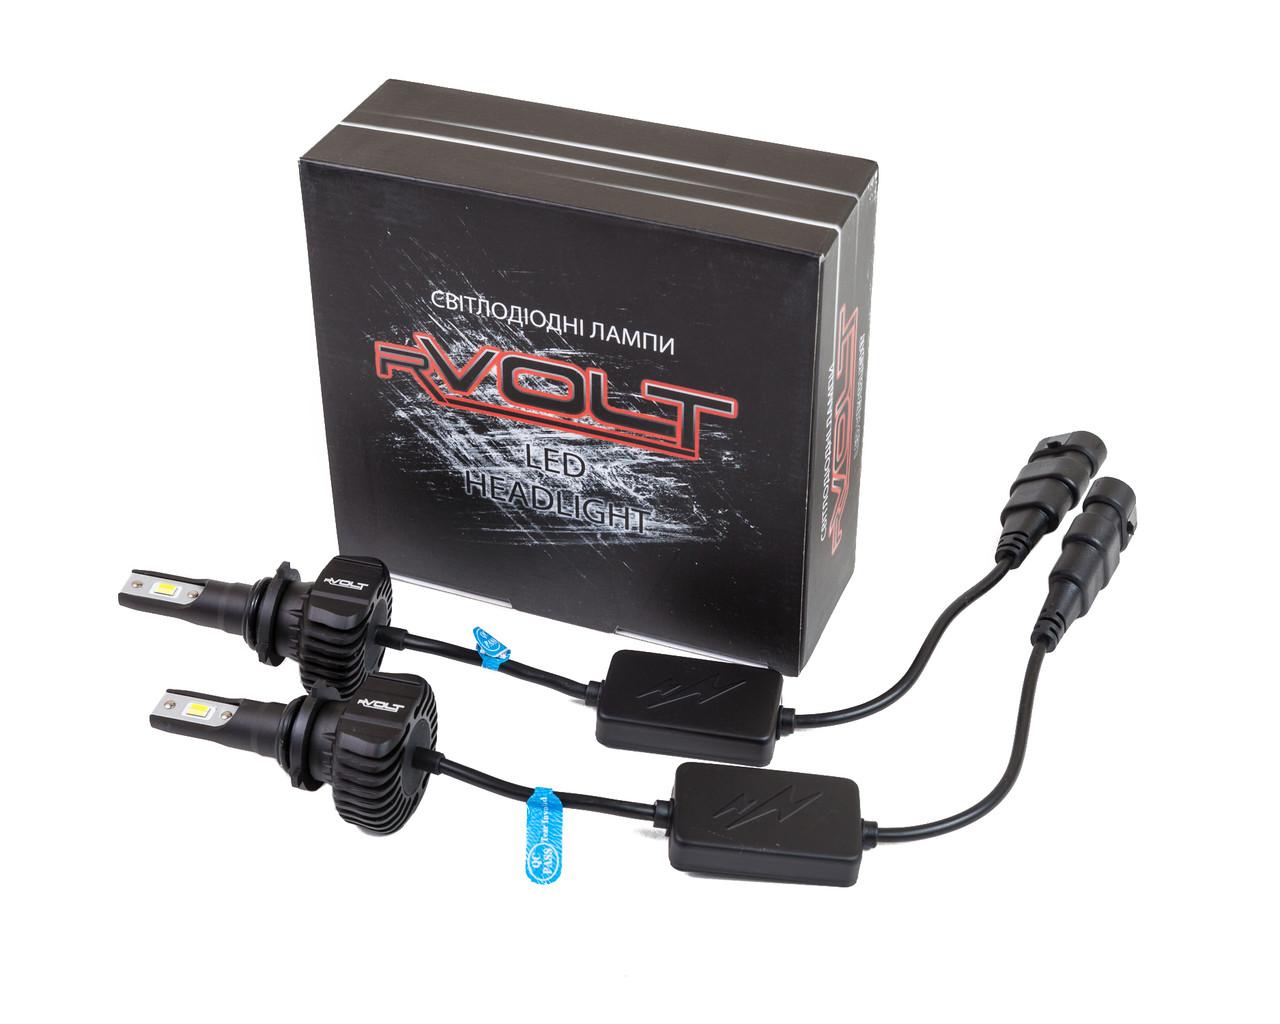 Светодиодные (LED) лампы rVolt RR02d HB4 (9006) dual color 4500Lm